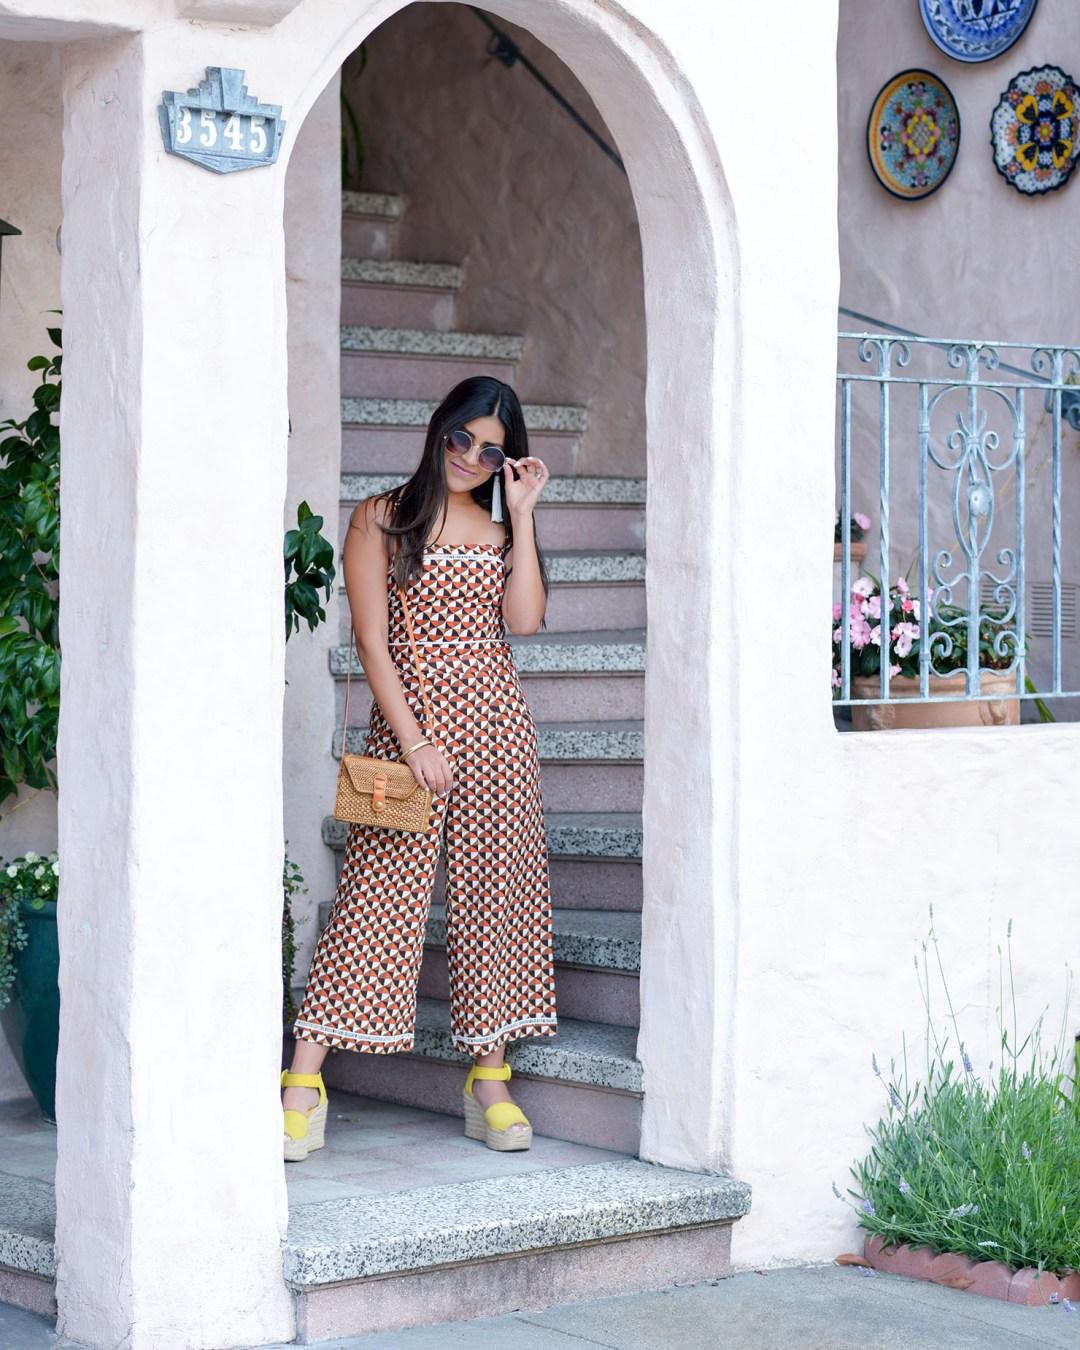 Lifestyle blogger Kelsey Kaplan of Kelsey Kaplan Fashion wearing Marc Fisher wedges and rattan purse